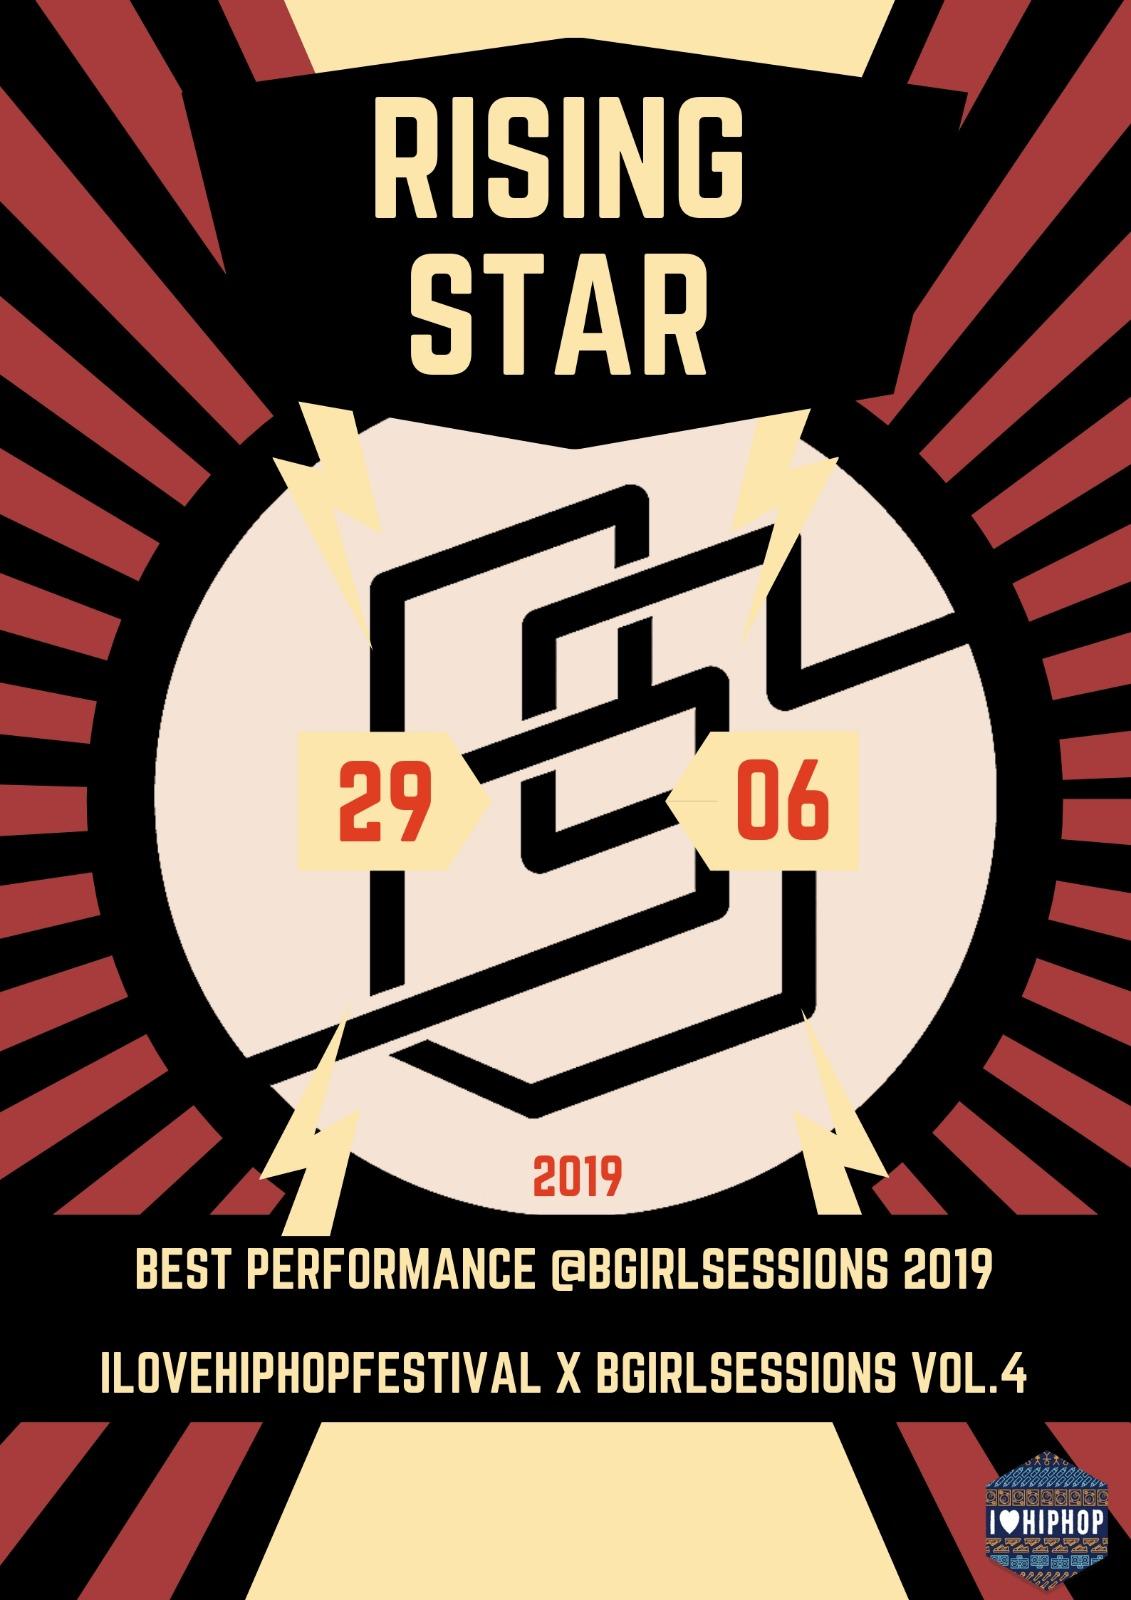 Rising star award @bgirlsessions